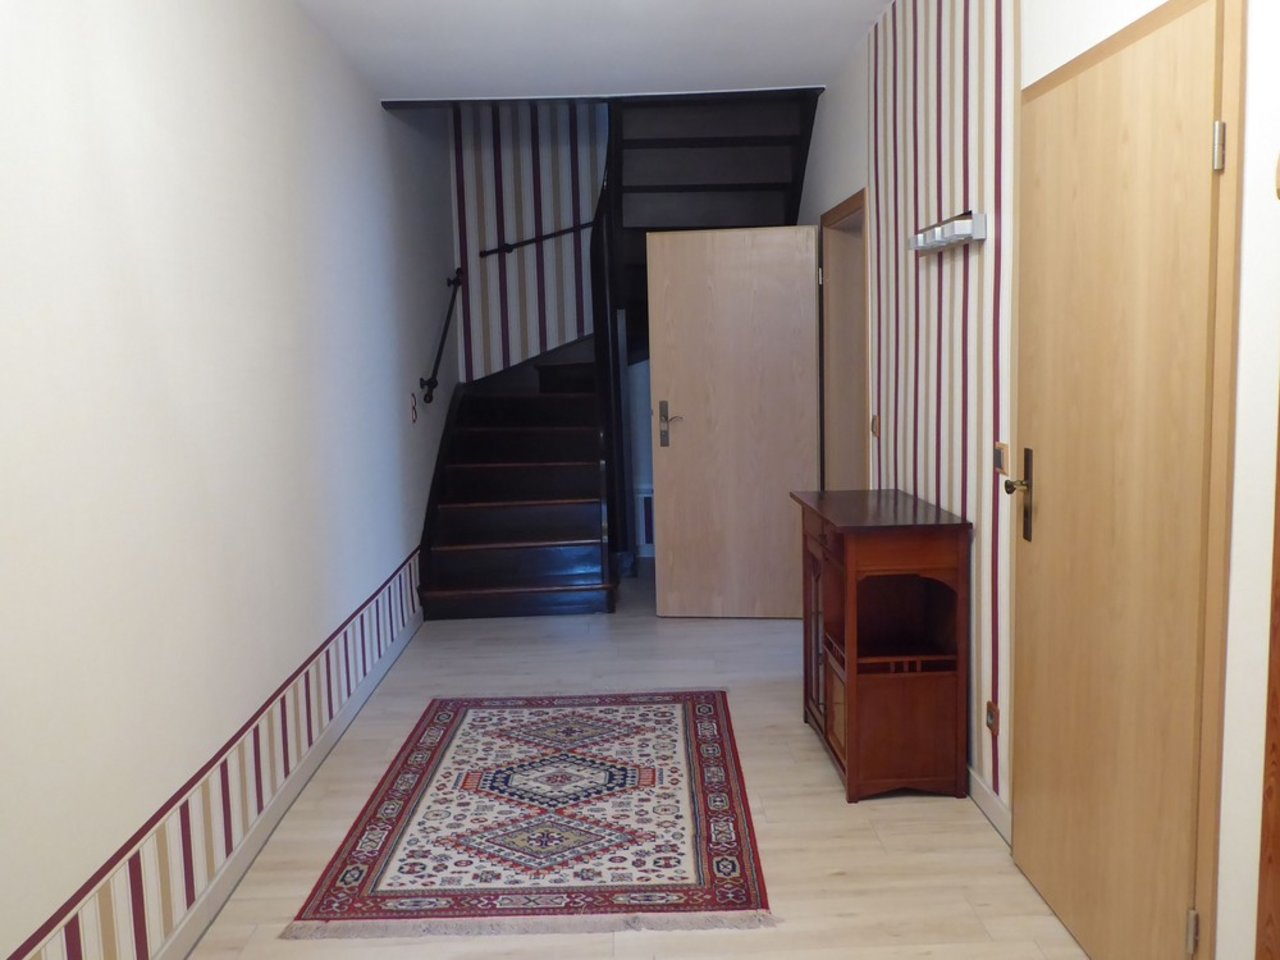 Großzügige, gepflegte Wohnung mit sonniger Terrasse in Witzleben-Eingang - Flur im EG